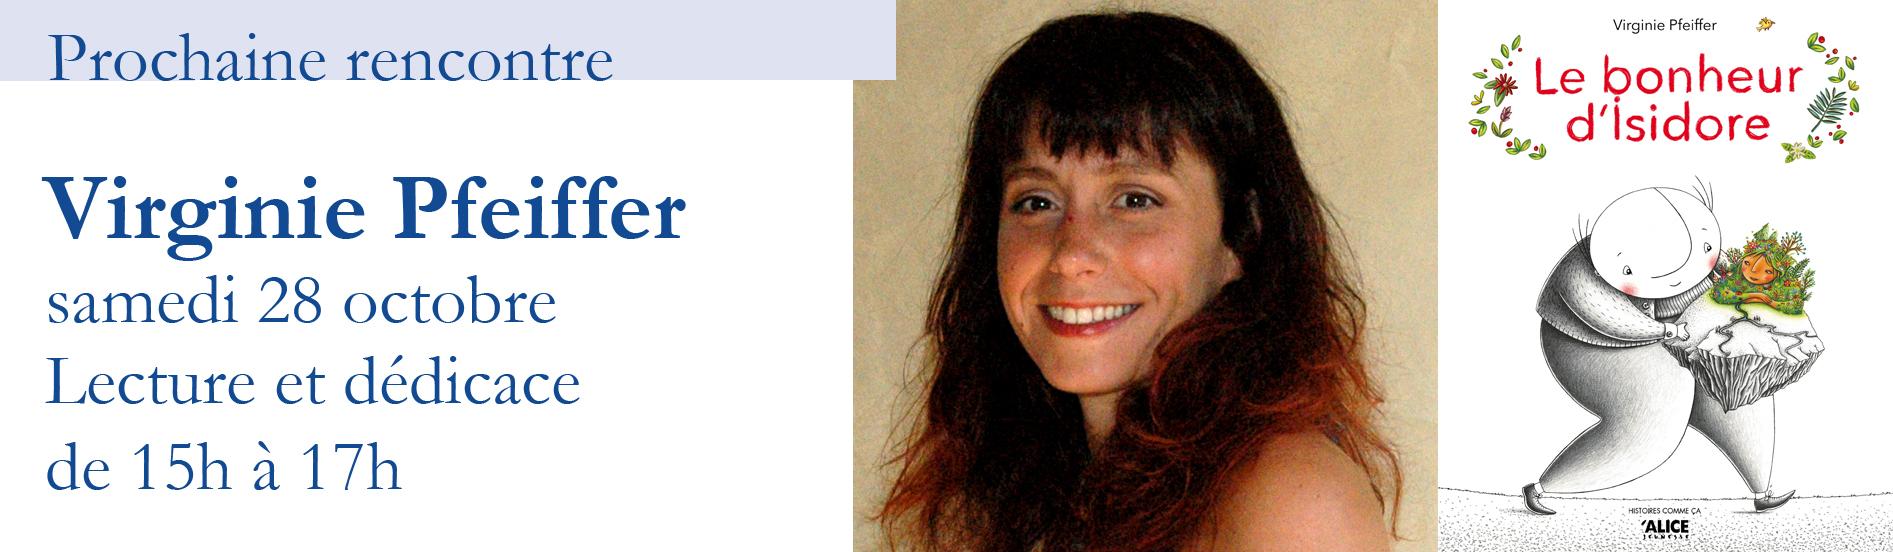 Lecture et dédicace avec Virginie Pfeiffer